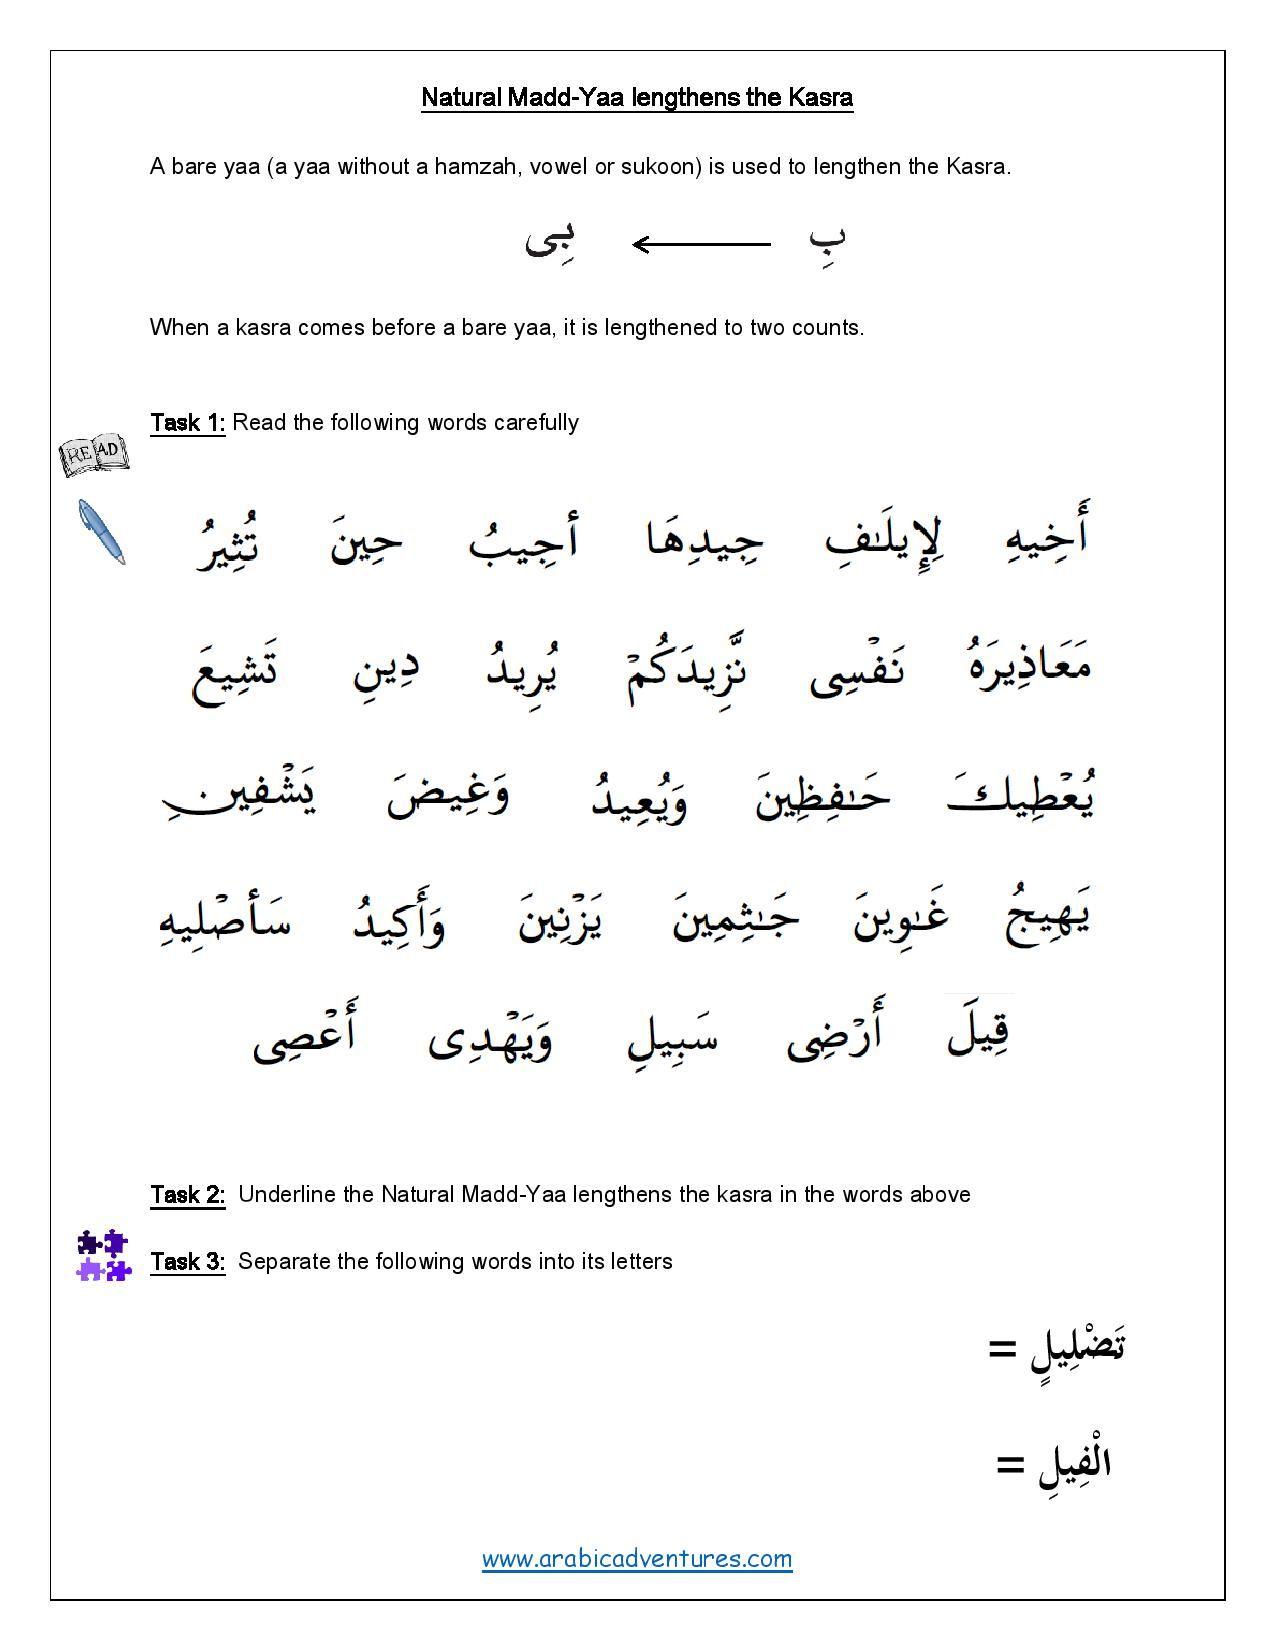 Natural Madd Yaa Arabic Worksheet Printable Arabic Worksheets Learning Arabic Learn Arabic Online [ 1650 x 1275 Pixel ]